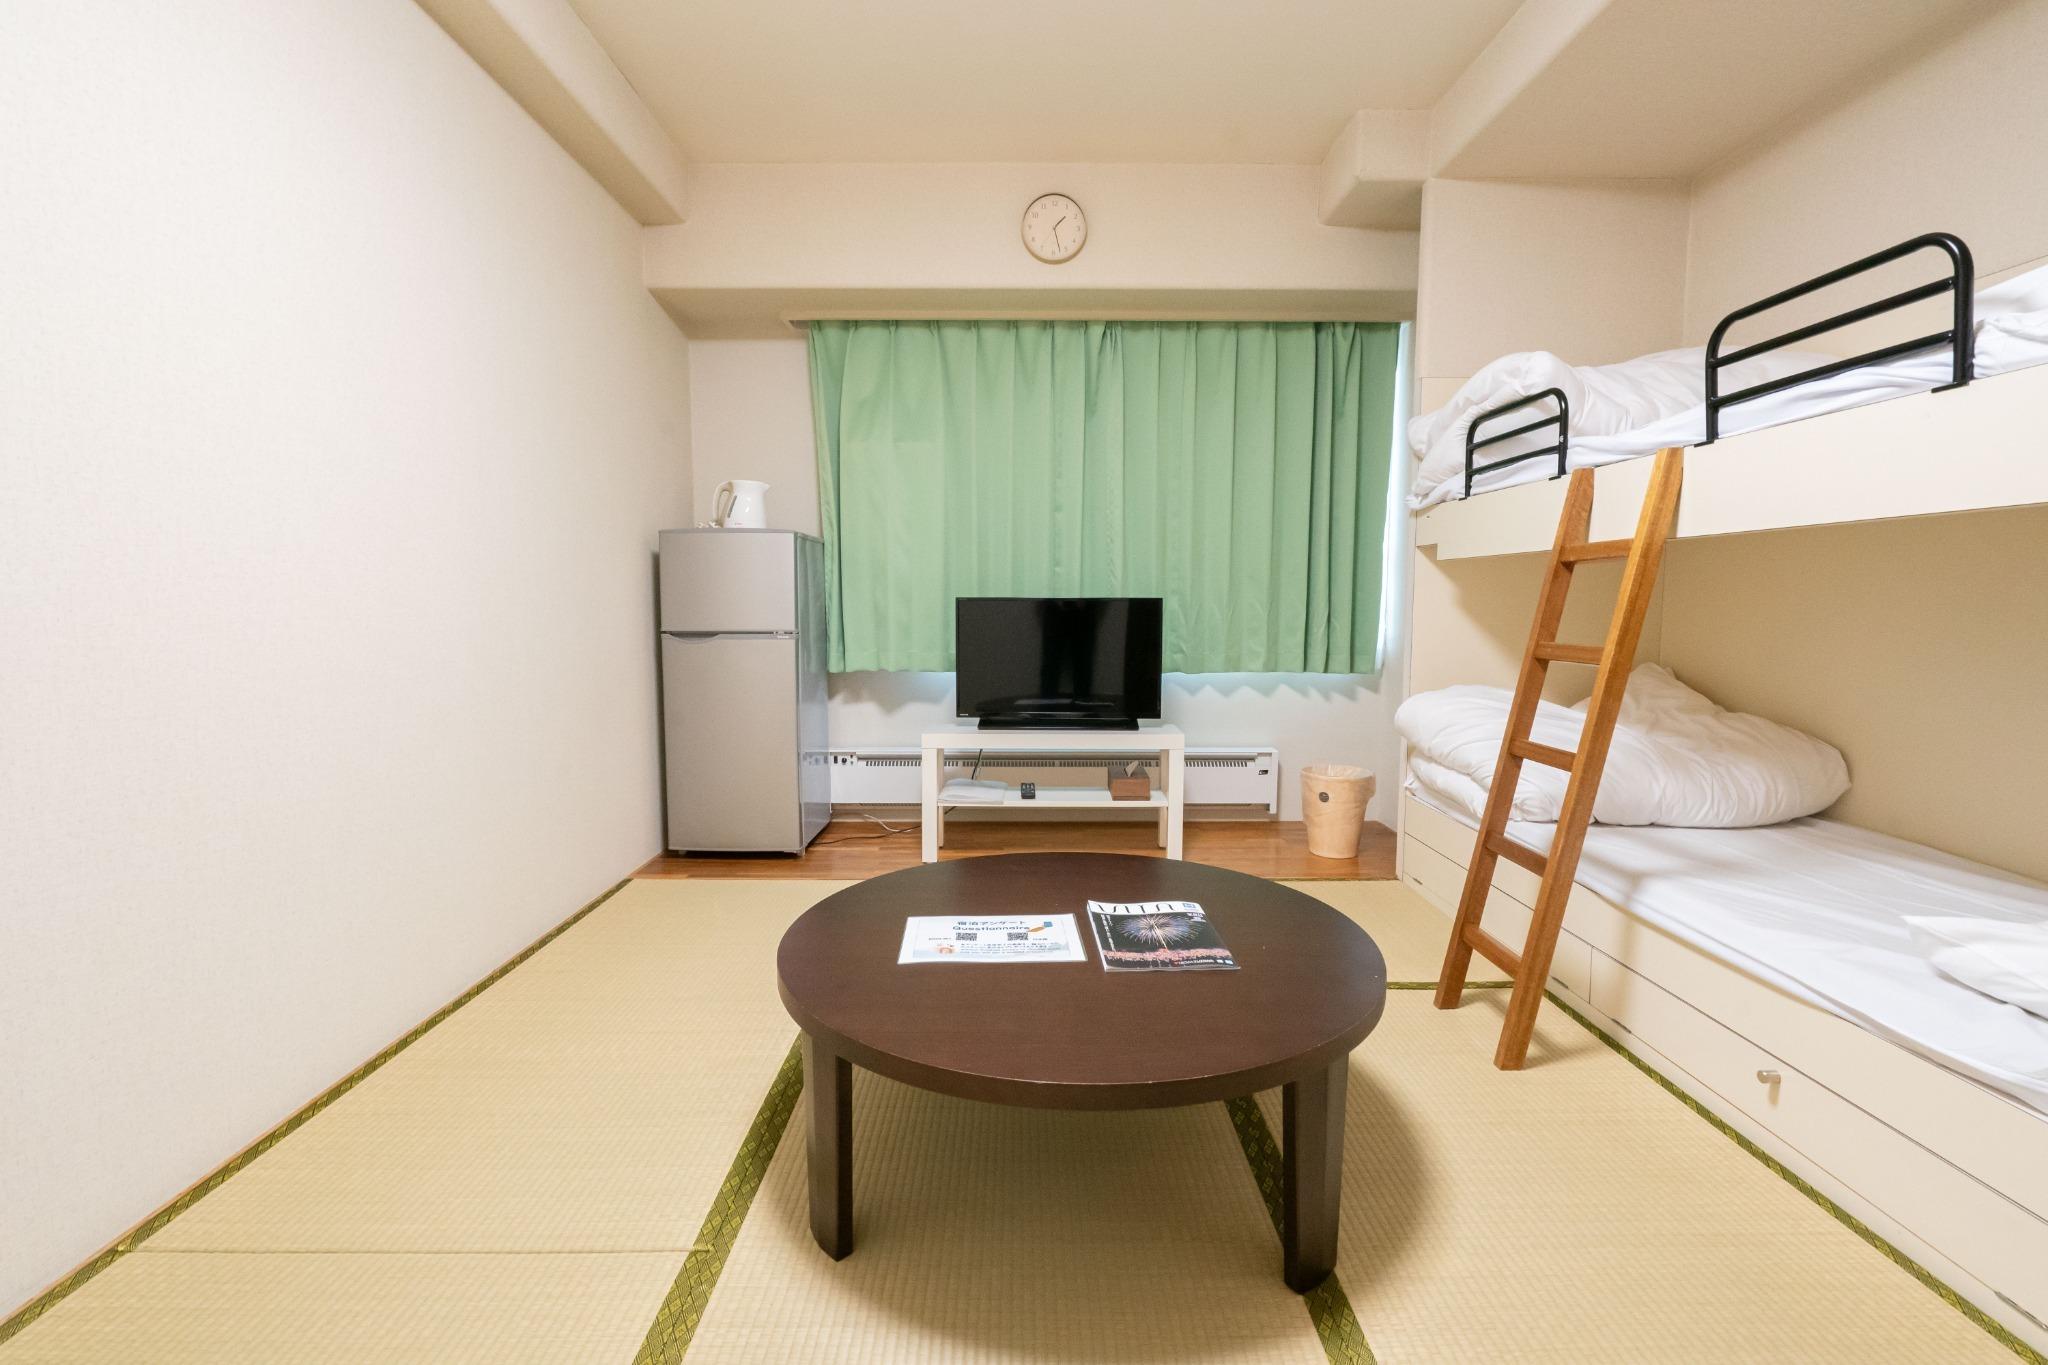 【値下げSALE中】温泉有・Wi-Fi完備・リゾートマンションでごゆっくり【506号室・4名】